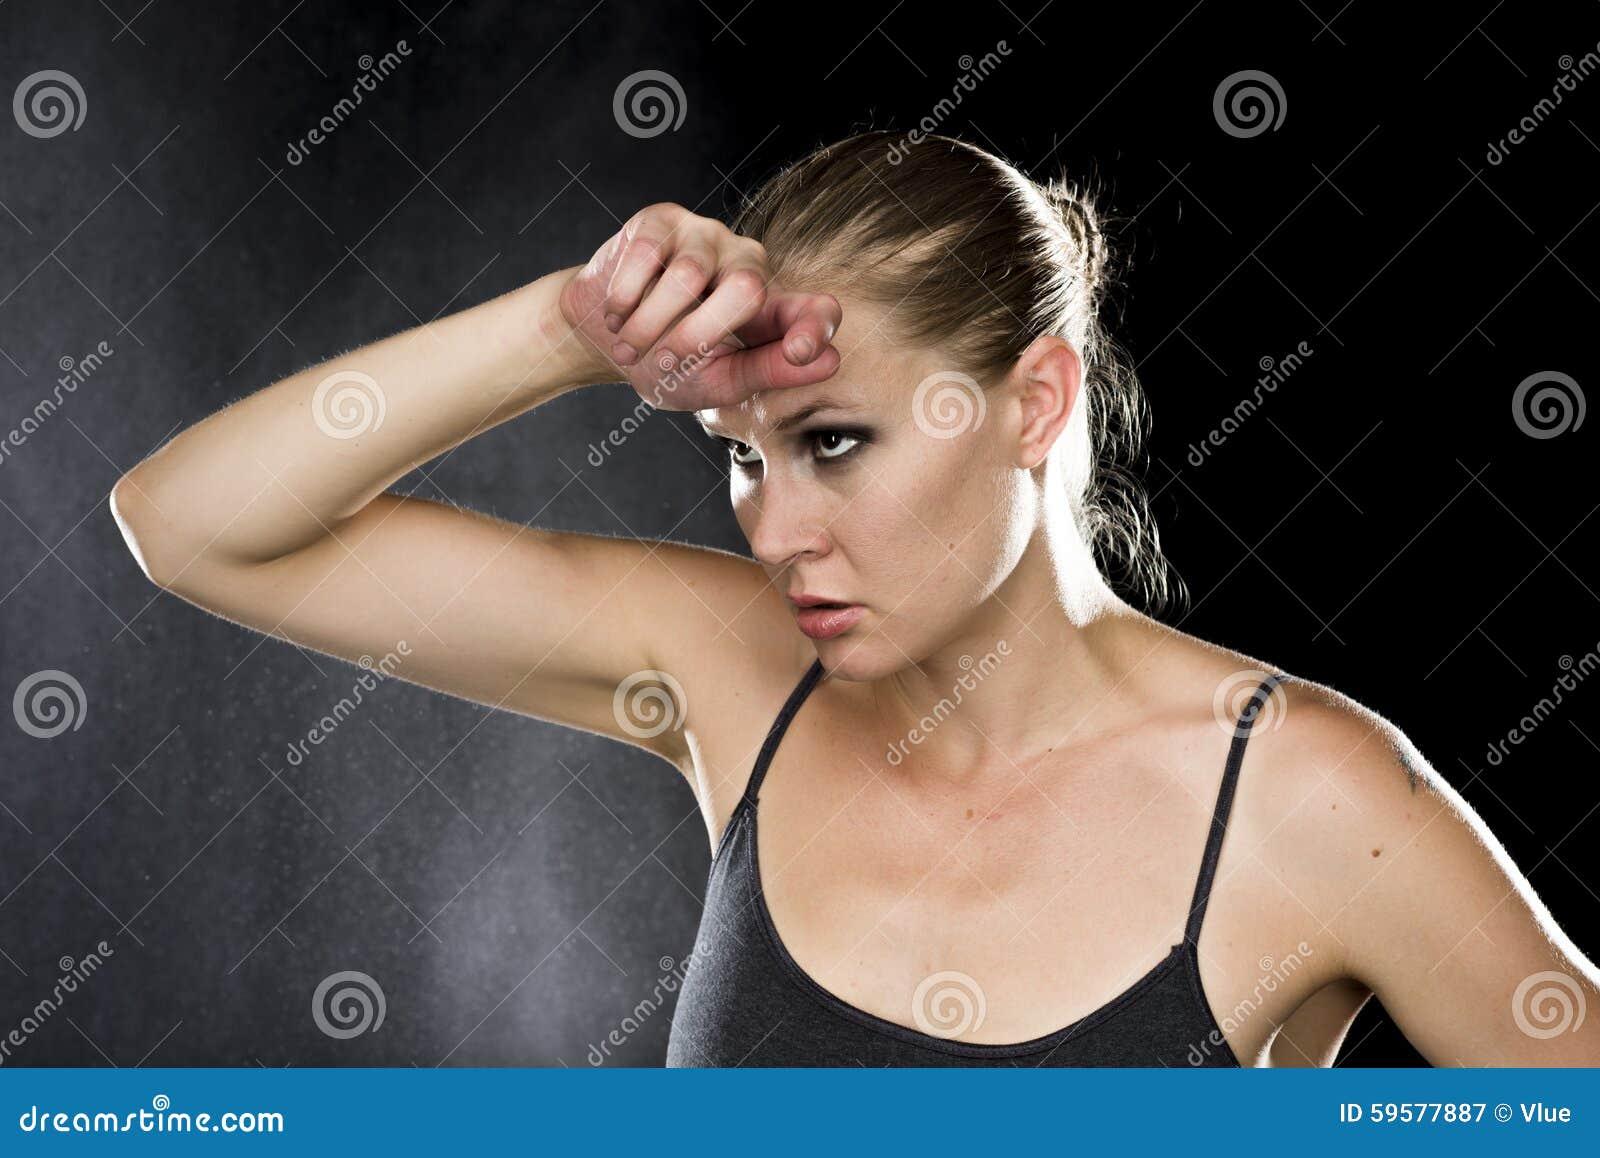 Στοχαστική αθλητική γυναίκα με το χέρι στο μέτωπο